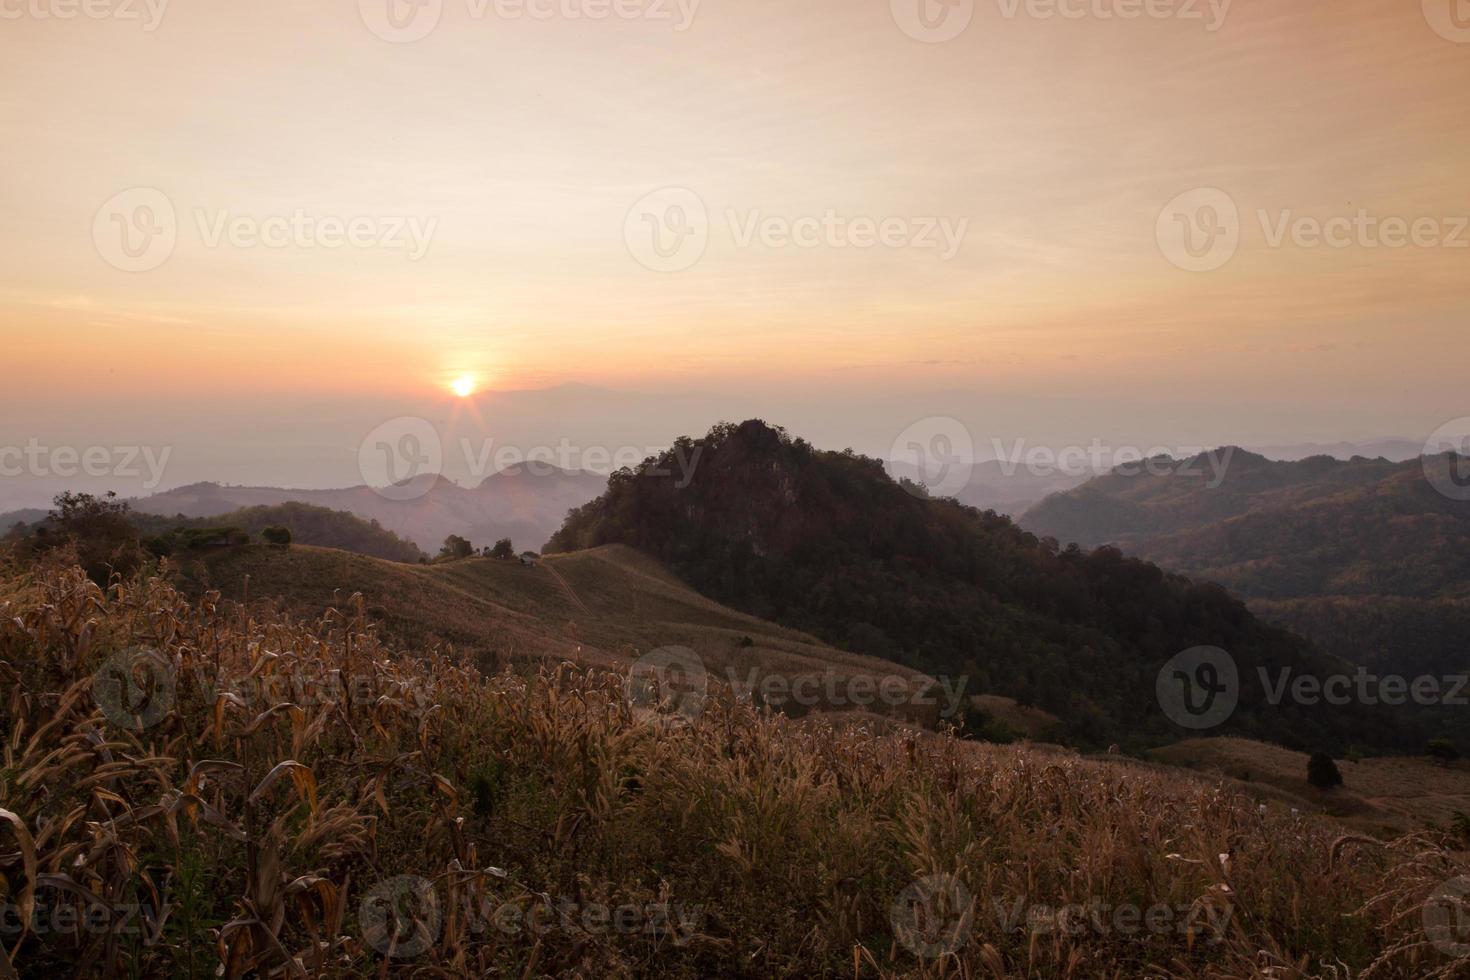 doi samer dao, uitzichtpunt ten noorden van Thailand. foto